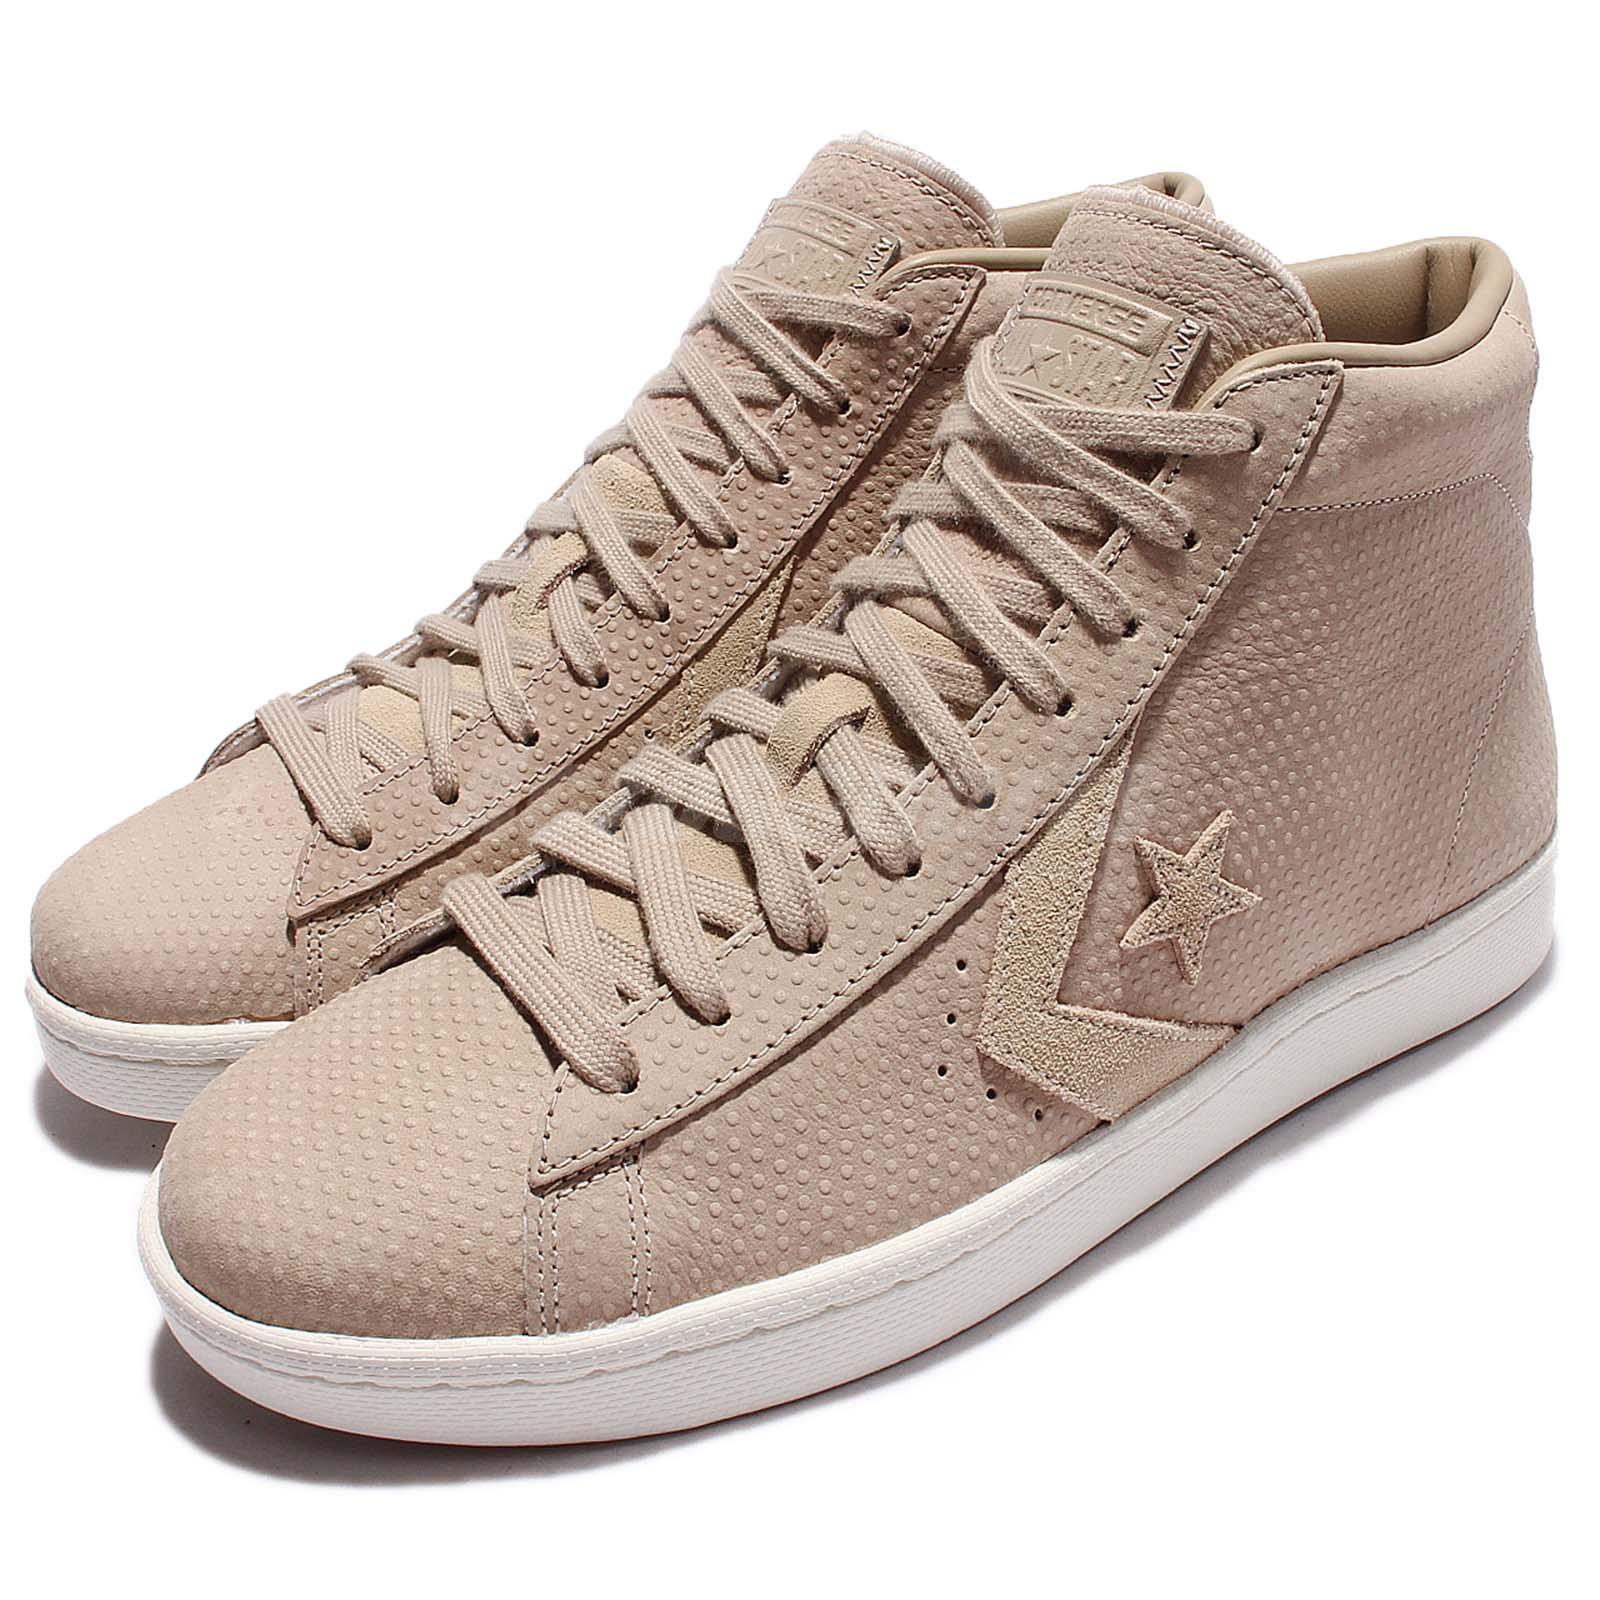 0b64bbb93ce9 Details about Converse PL 76 Pro Leather Mid Vintage Khaki Men Casual Shoes  Sneakers 155648C